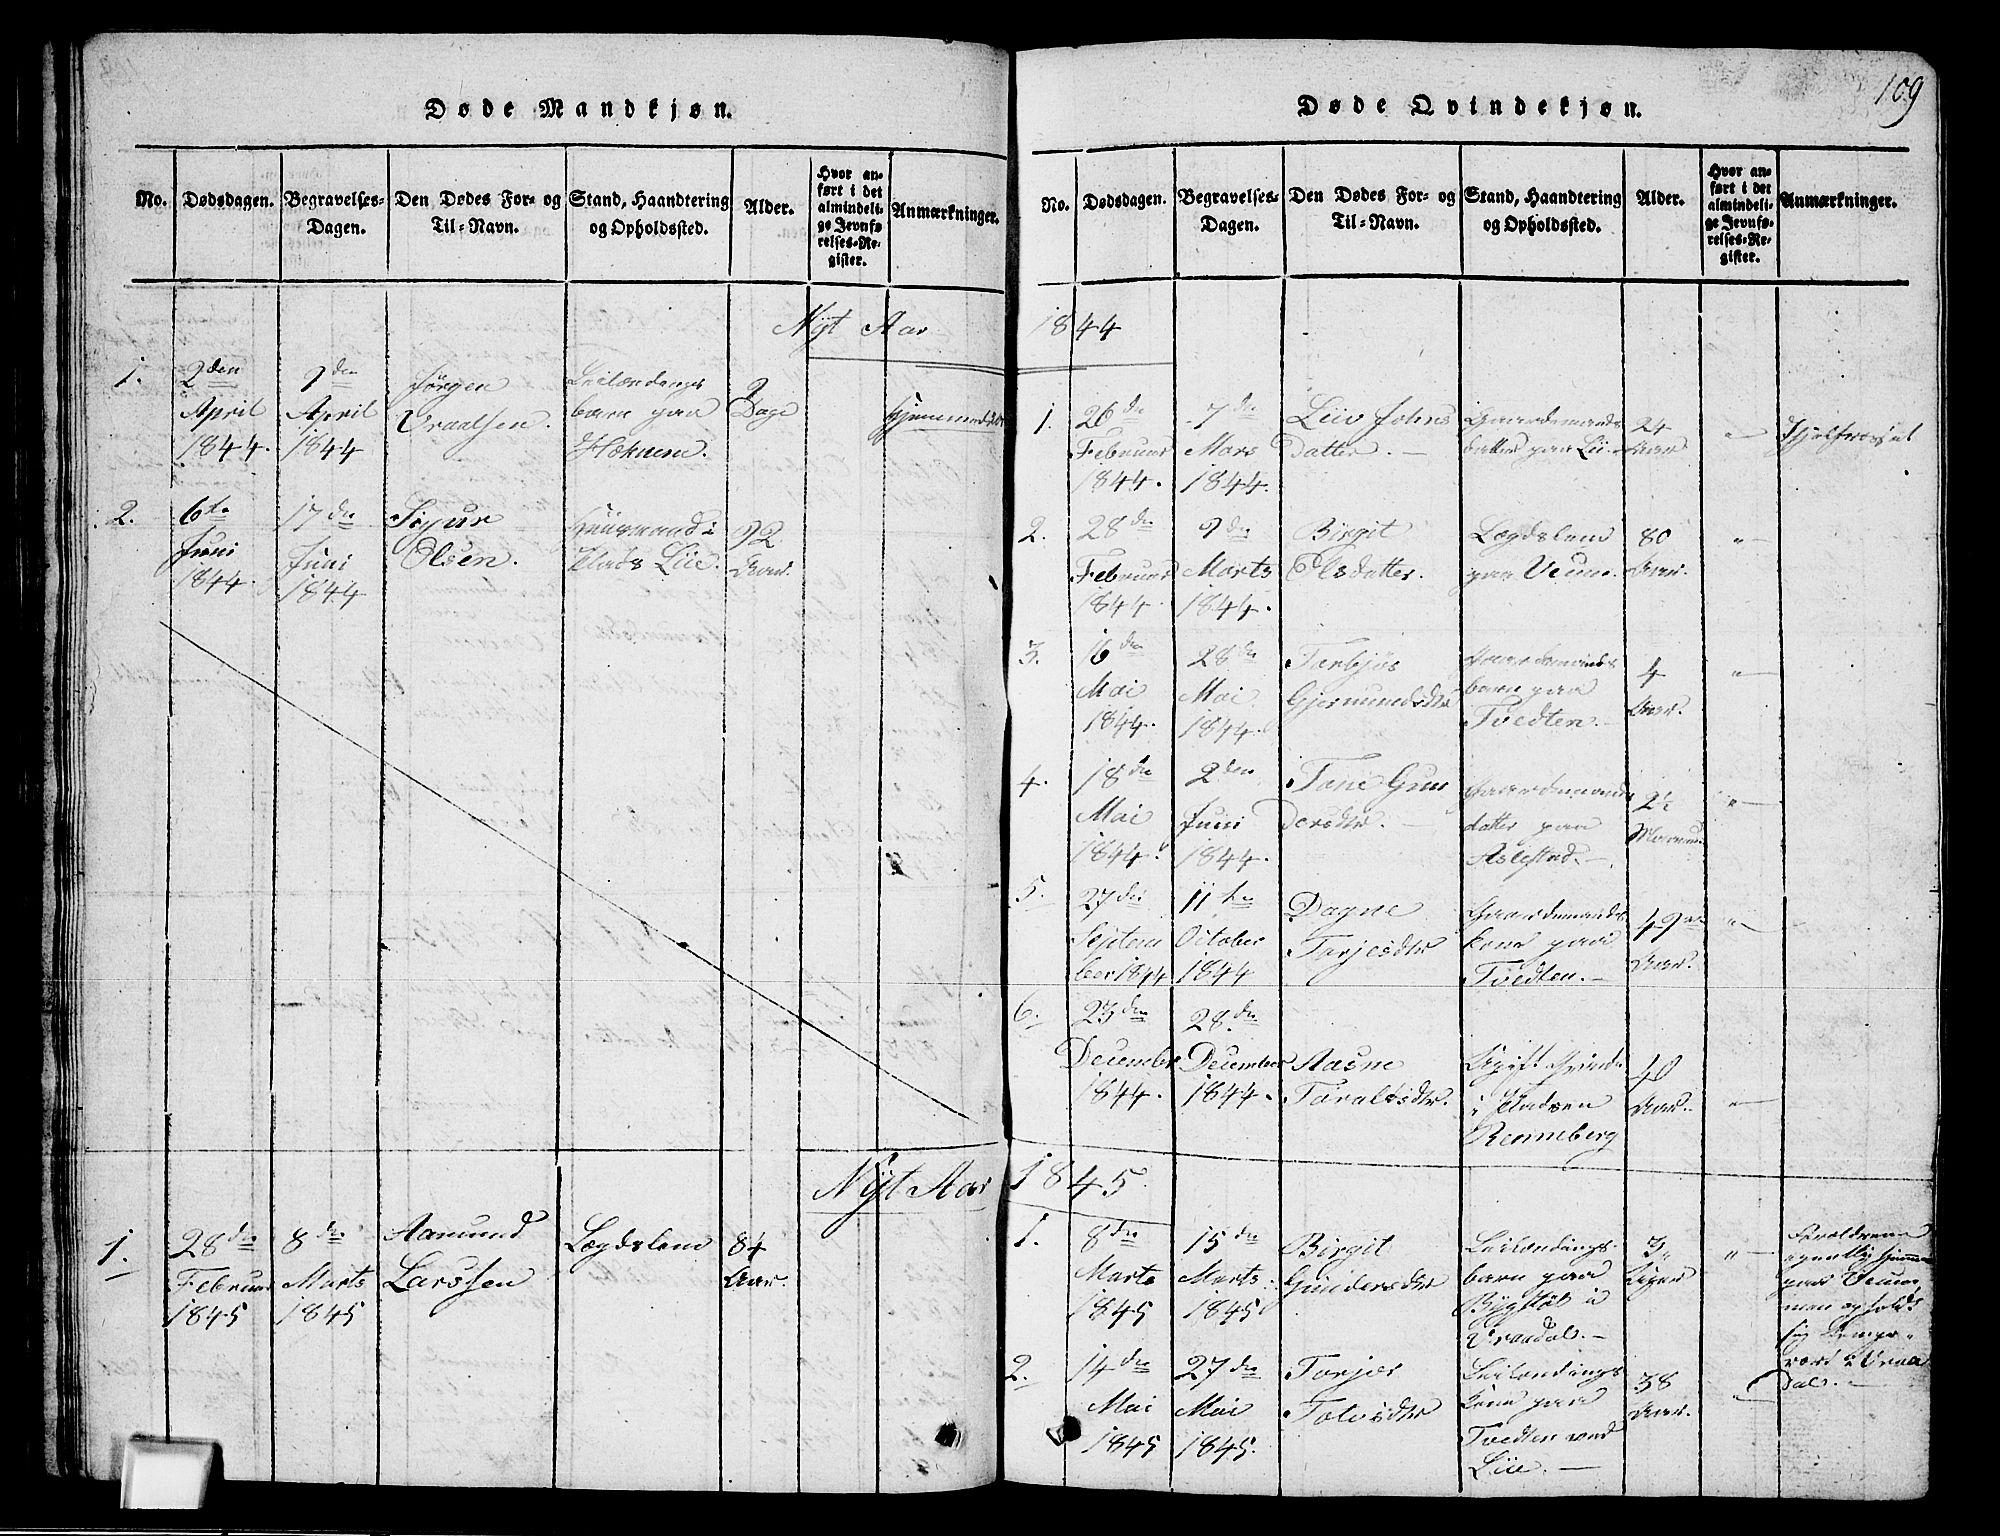 SAKO, Fyresdal kirkebøker, G/Ga/L0003: Klokkerbok nr. I 3, 1815-1863, s. 109